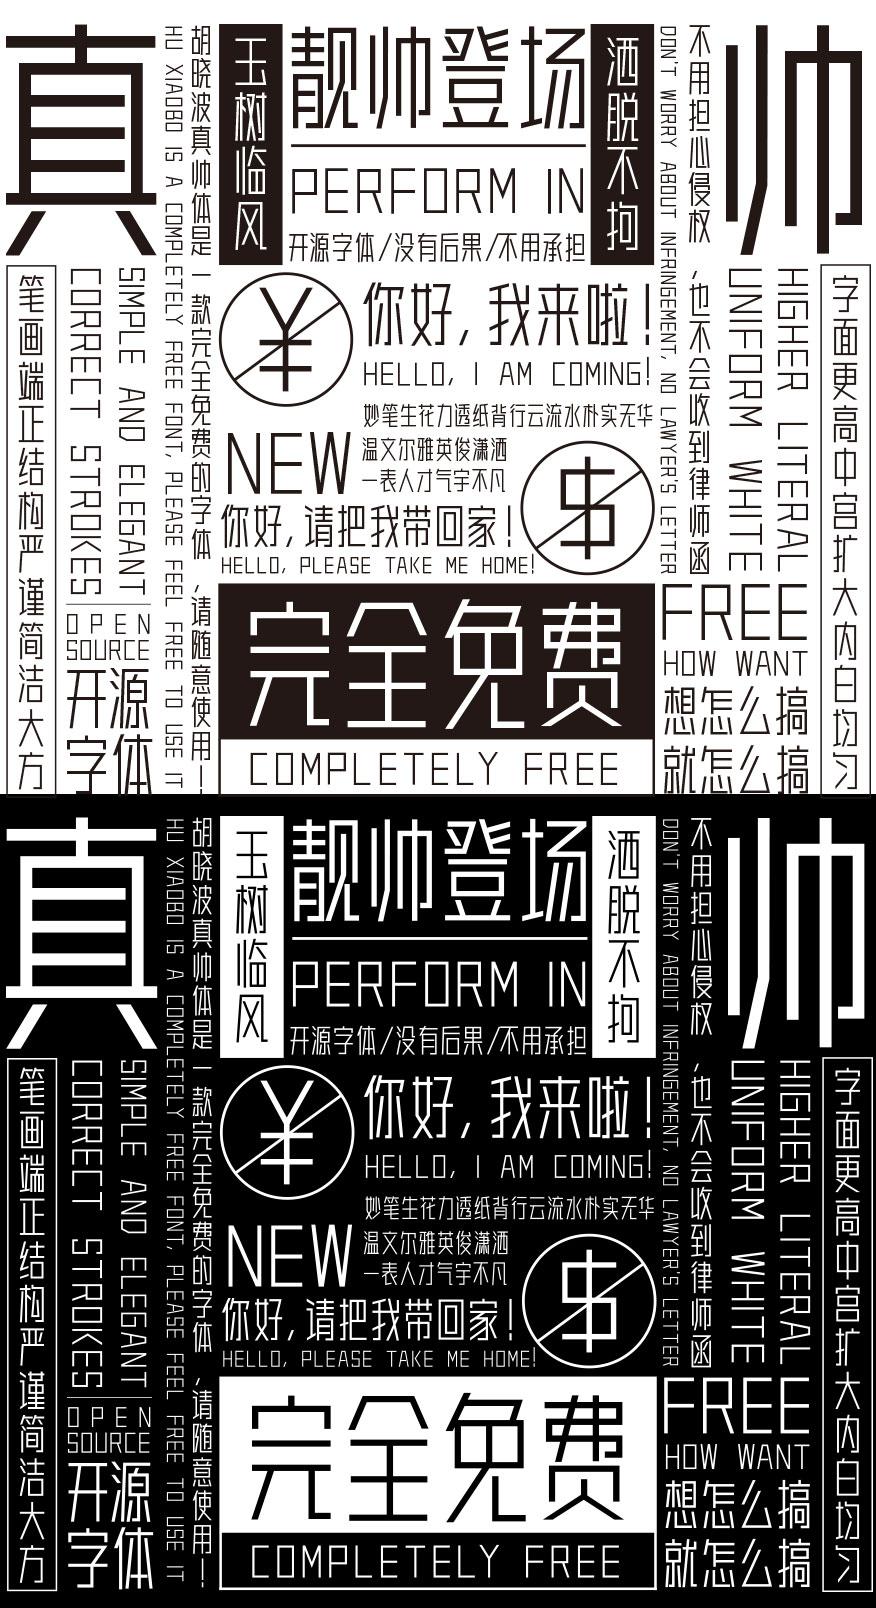 免费商业授权的中文字体分享 - 【胡晓波男神体】【胡晓波骚包体】【胡晓波真帅体】